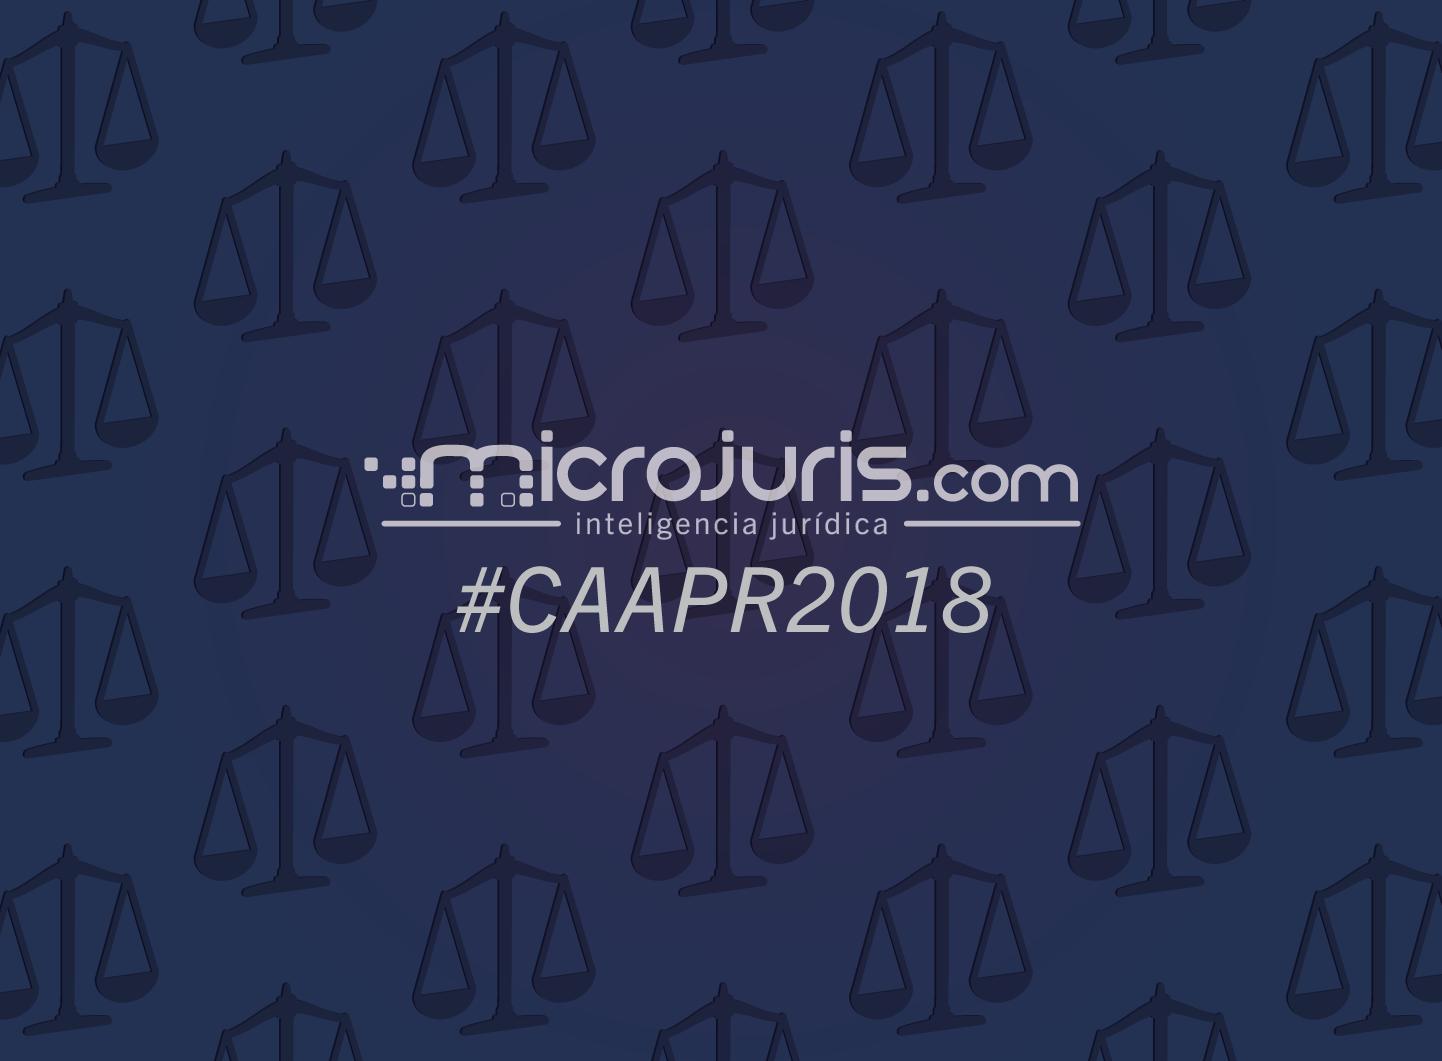 Microjuris en la Asamblea del Colegio de Abogados 2018 - #CAAPR2018